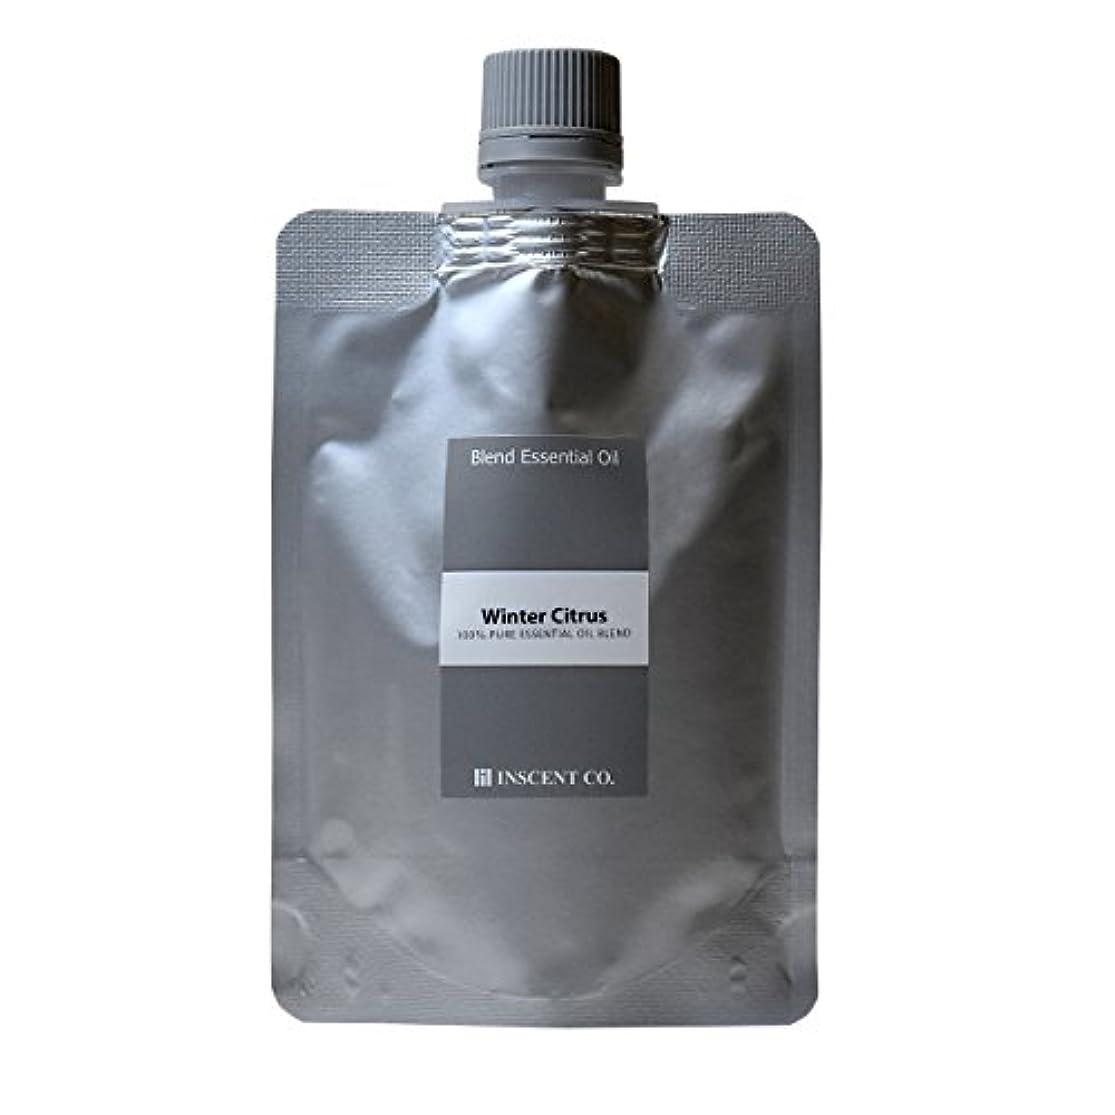 不適タンク裂け目(詰替用 アルミパック) アロマ ブレンド ウインターシトラス 50ml インセント アロマオイル